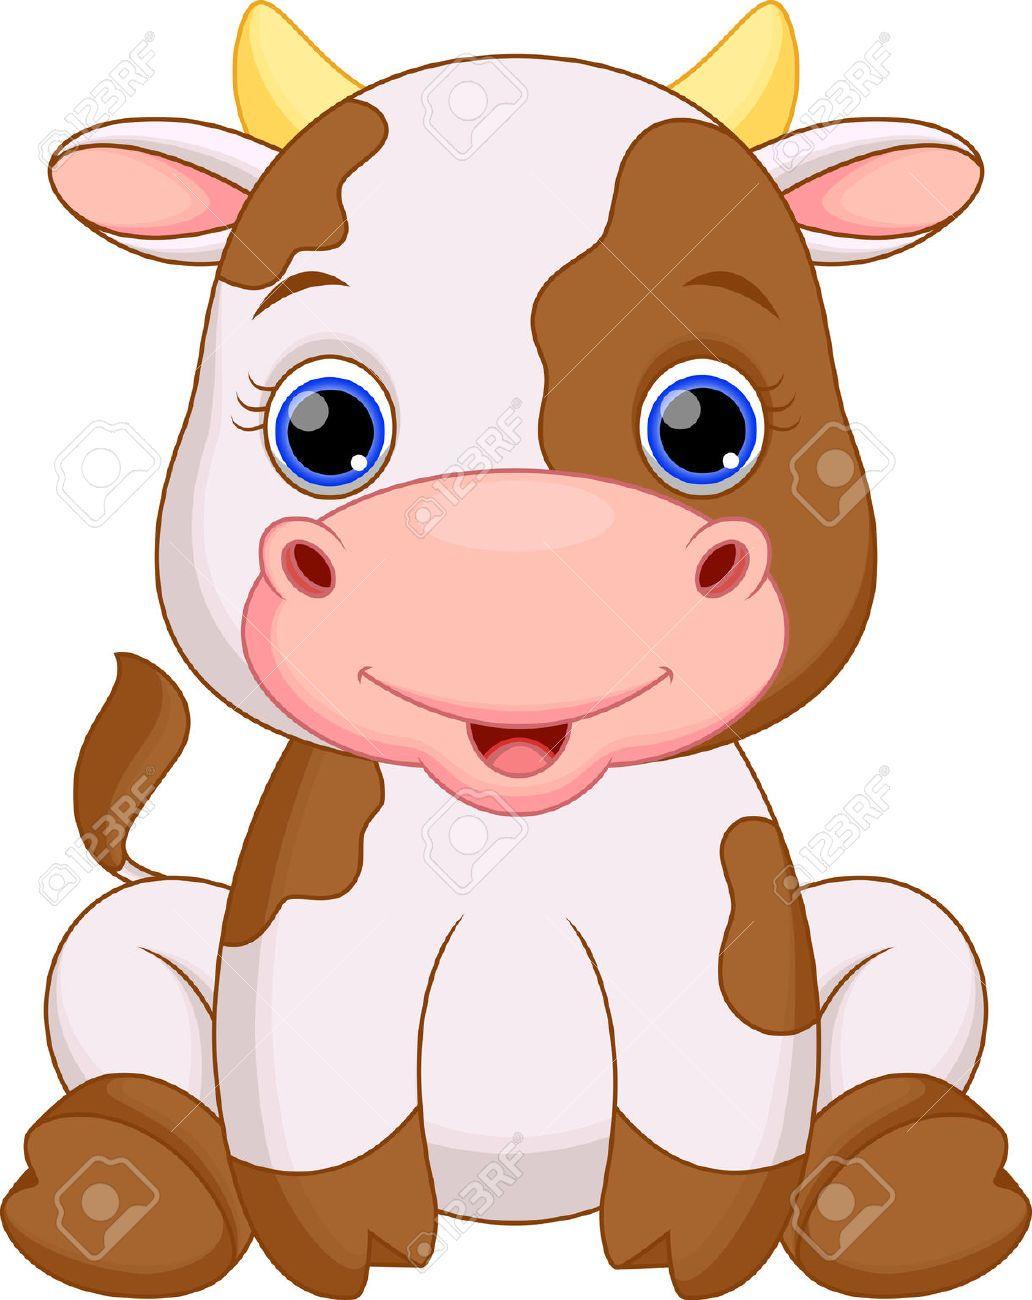 Irwanjos 1 Imagenes De Archivo Vectores Fotos Libres De Derechos Animales Para Imprimir Vacas Bonitas Vacas Divertidas